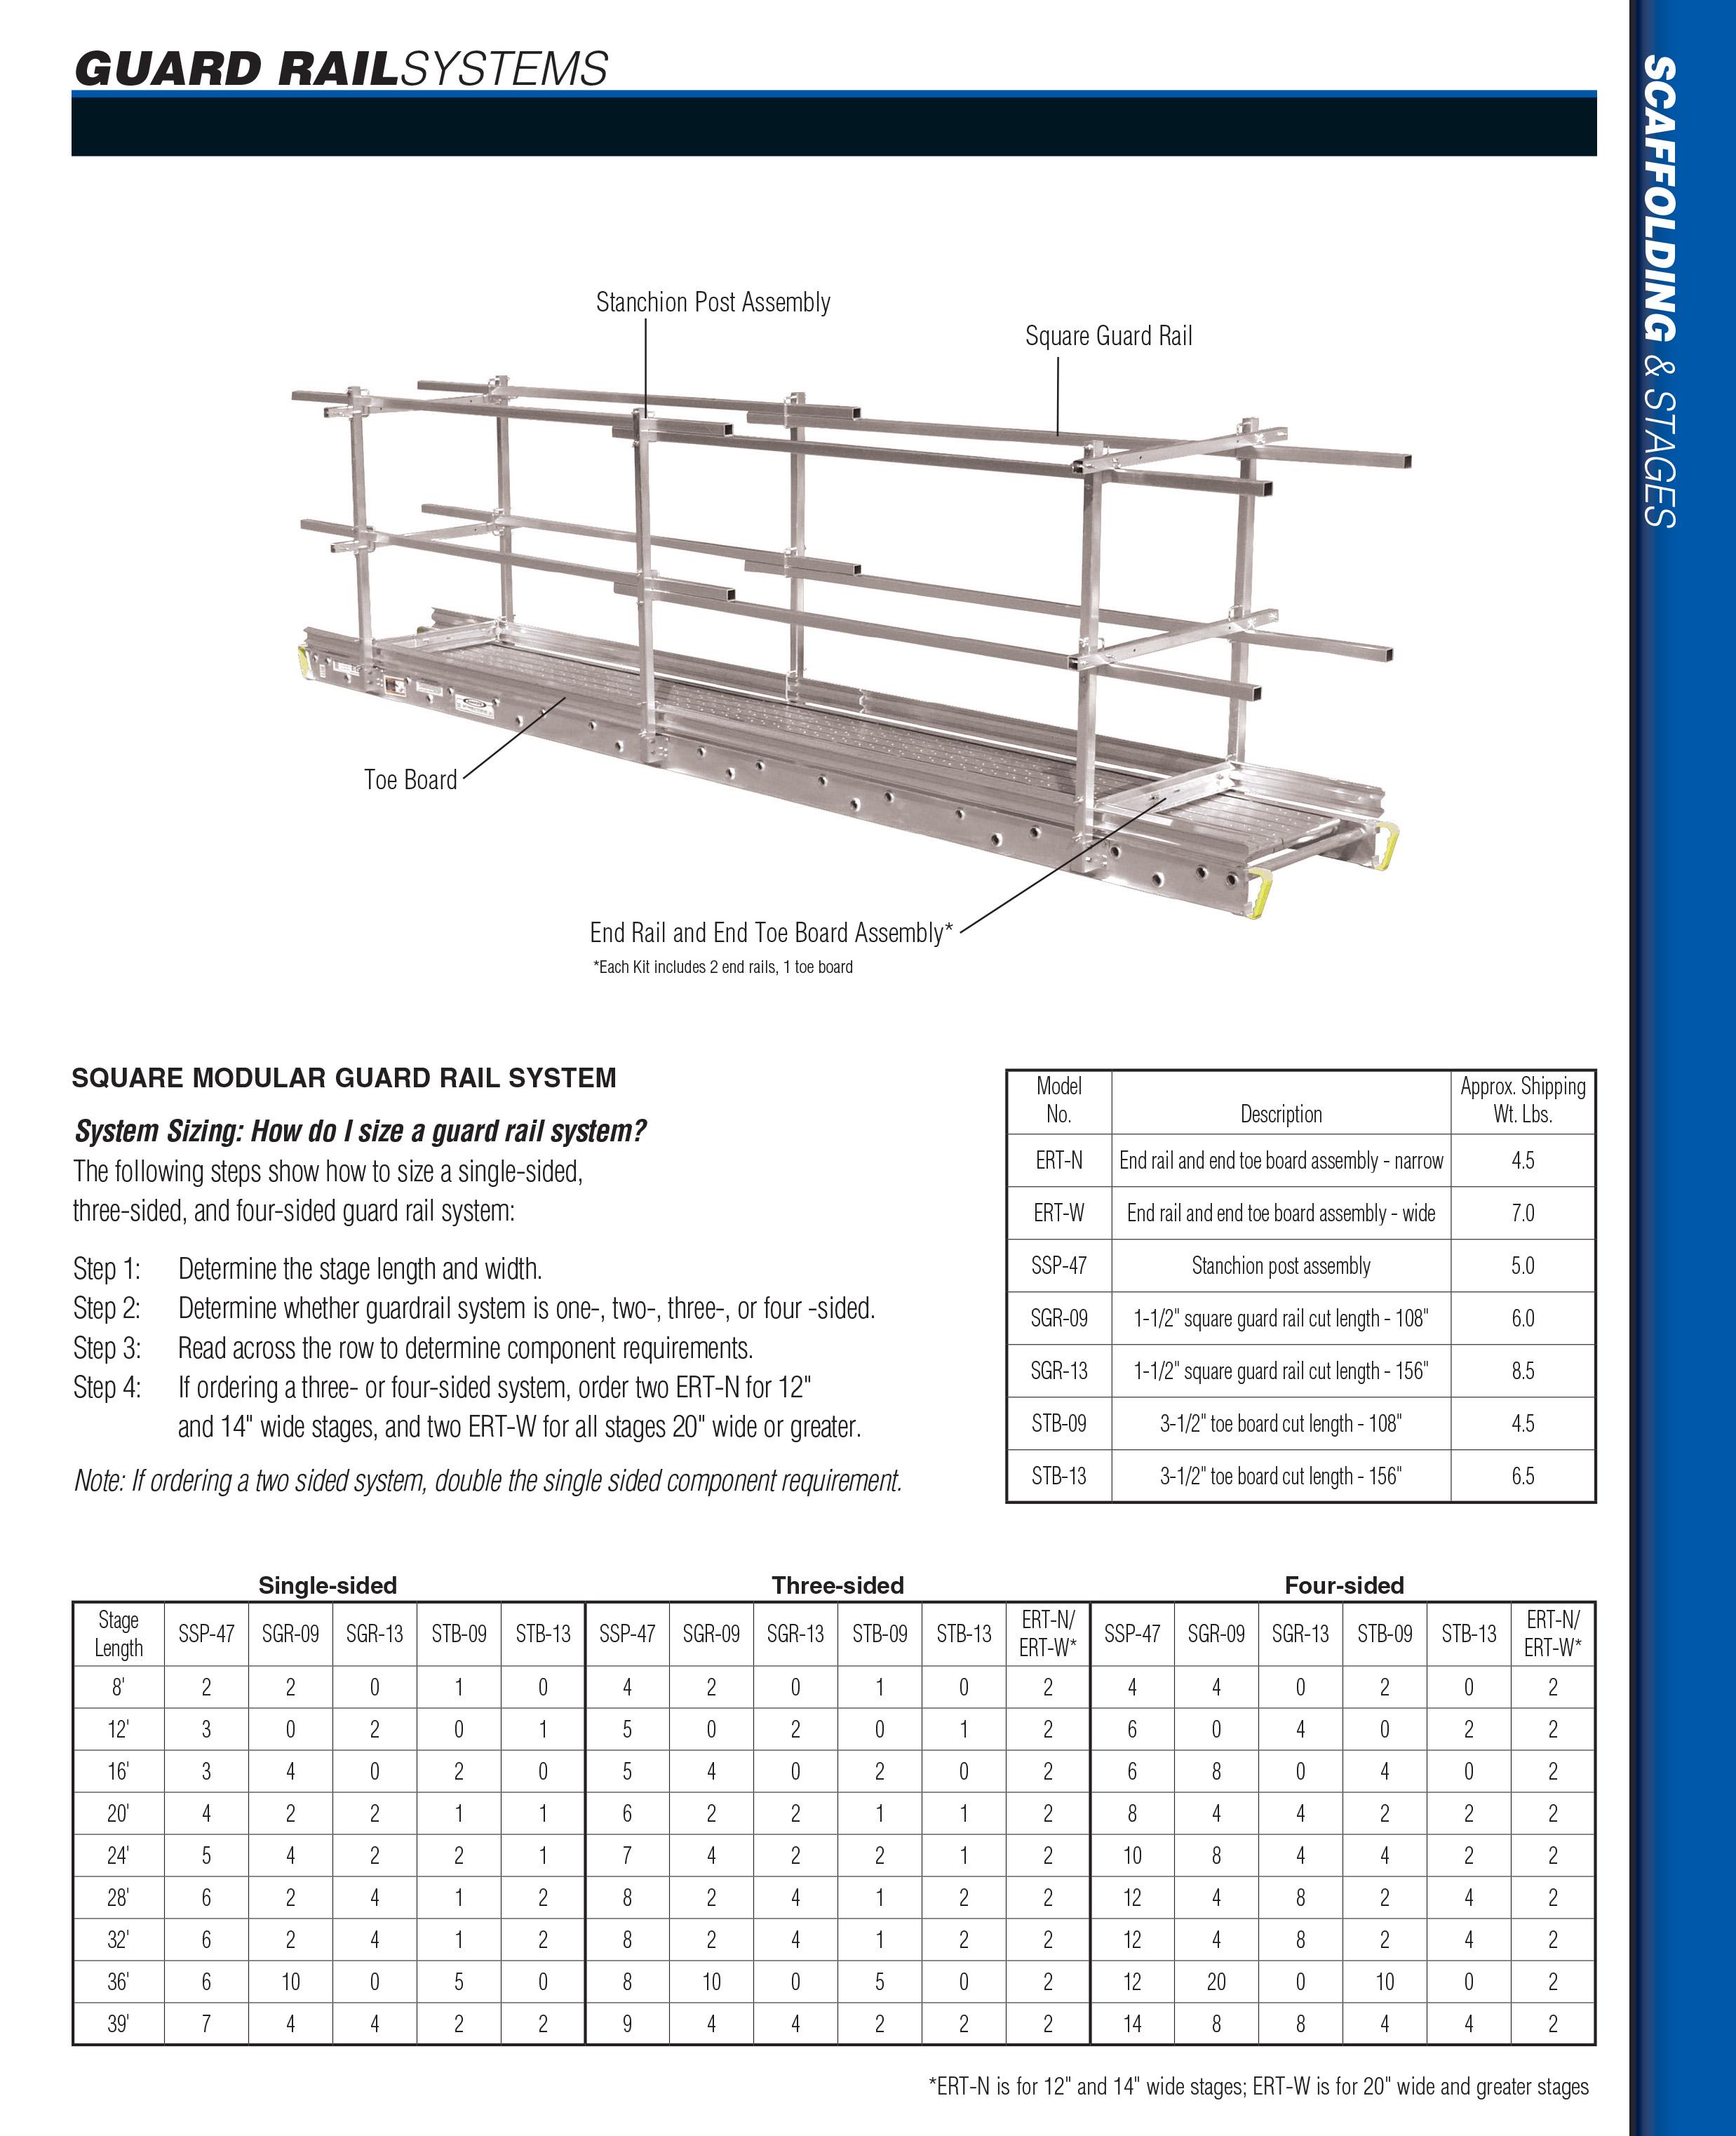 guard-rail-systems-a.jpg